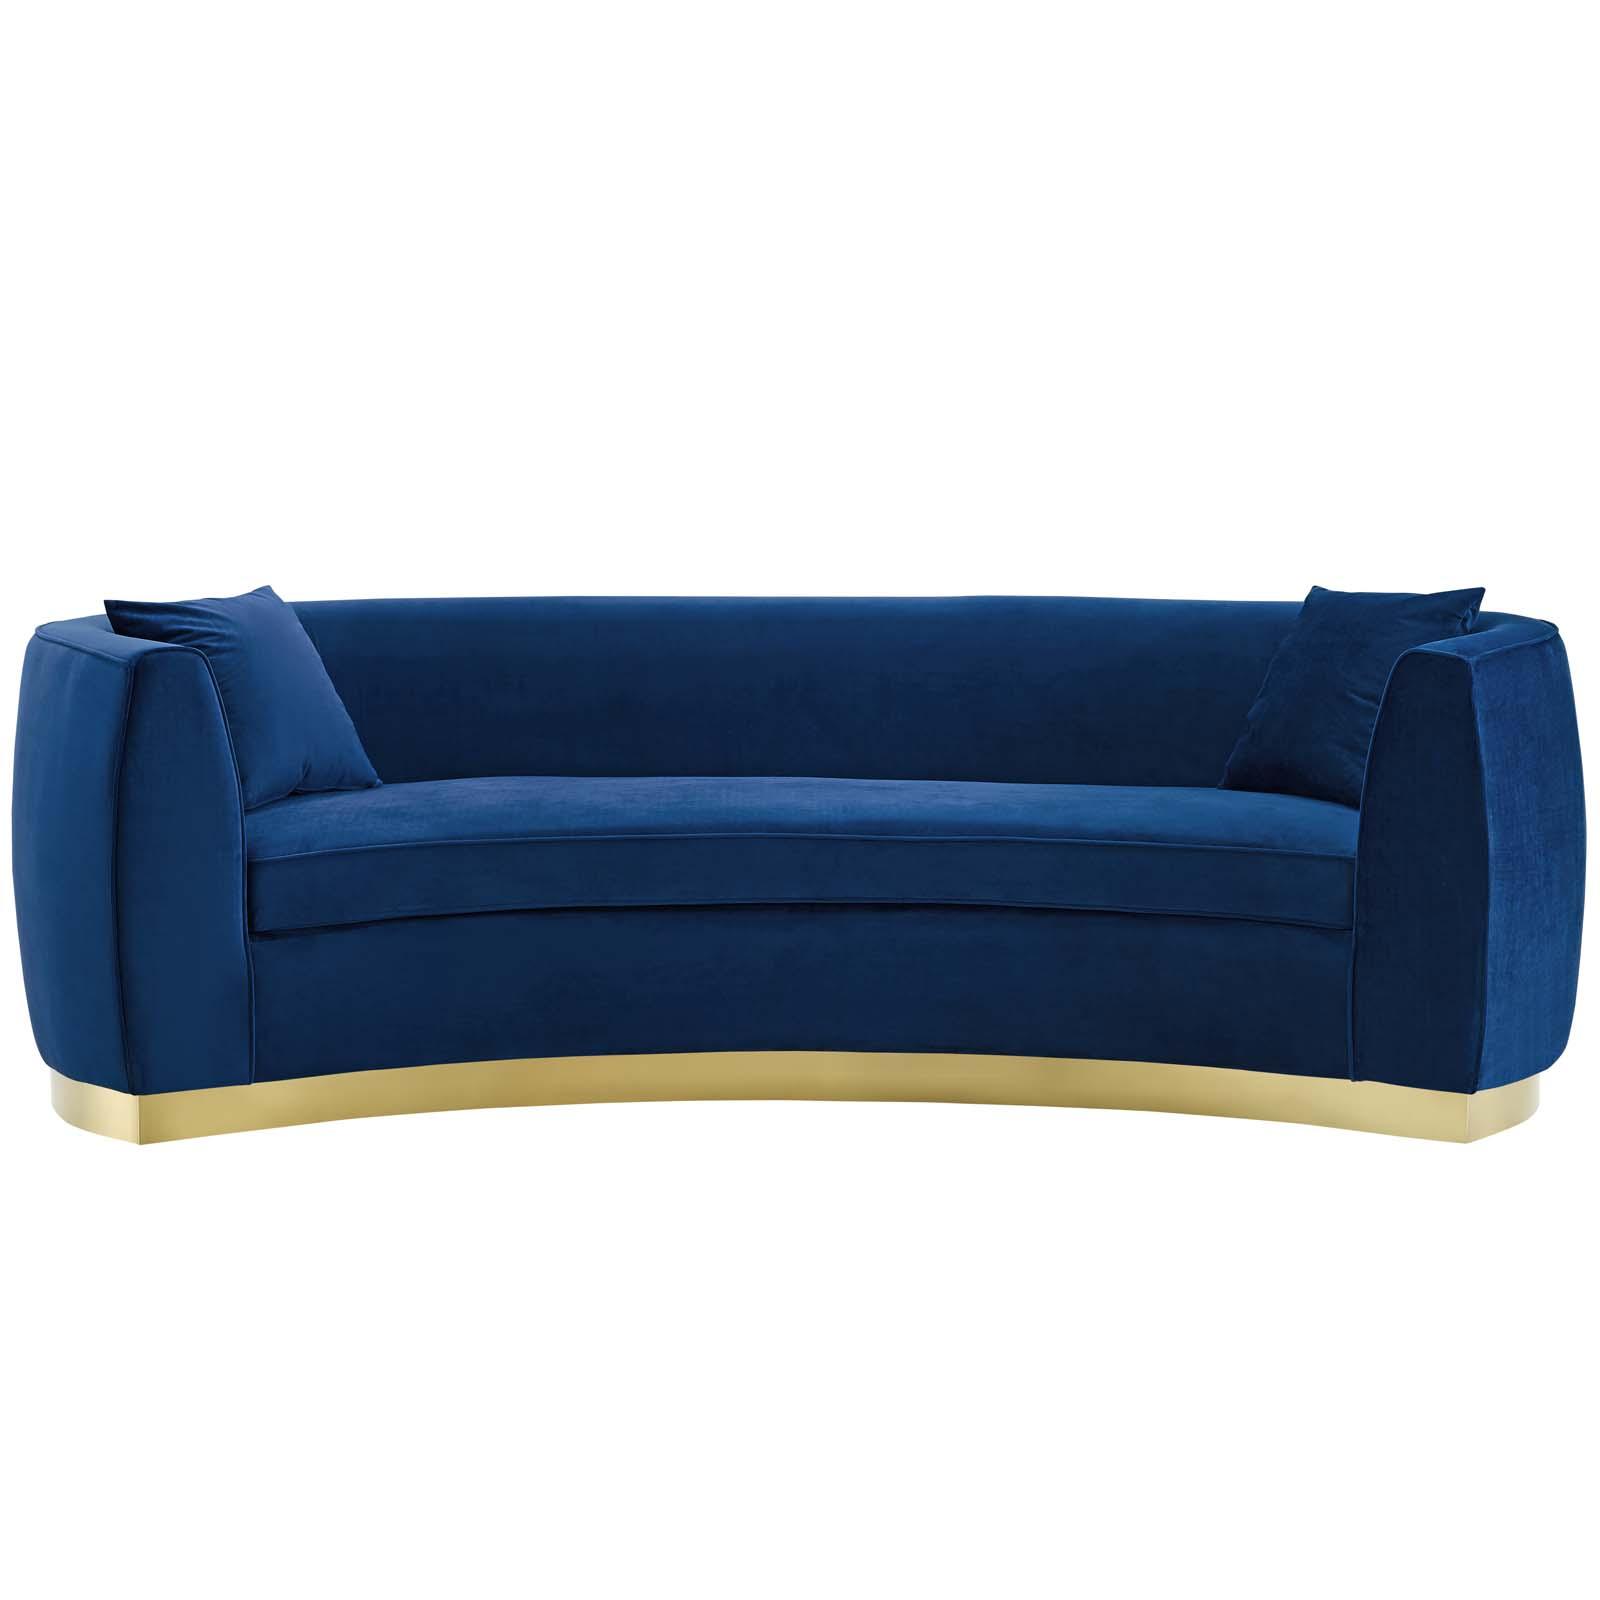 Resolute Curved Performance Velvet Sofa Navy